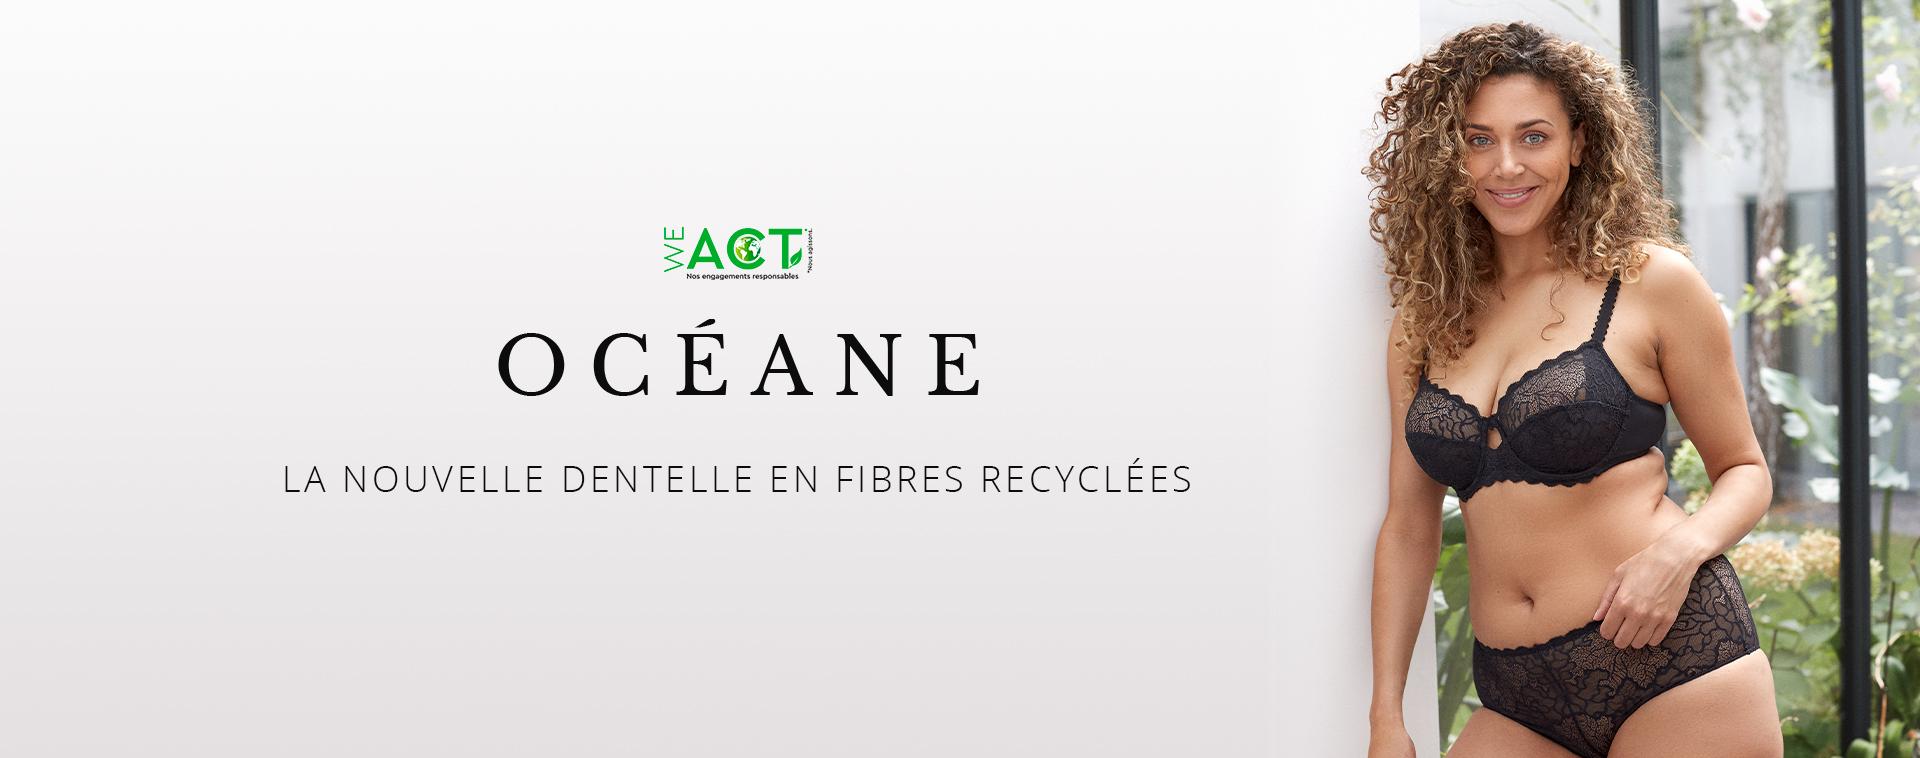 Océane, la première lingerie Sans Complexe conçue à partir de fibres recyclées